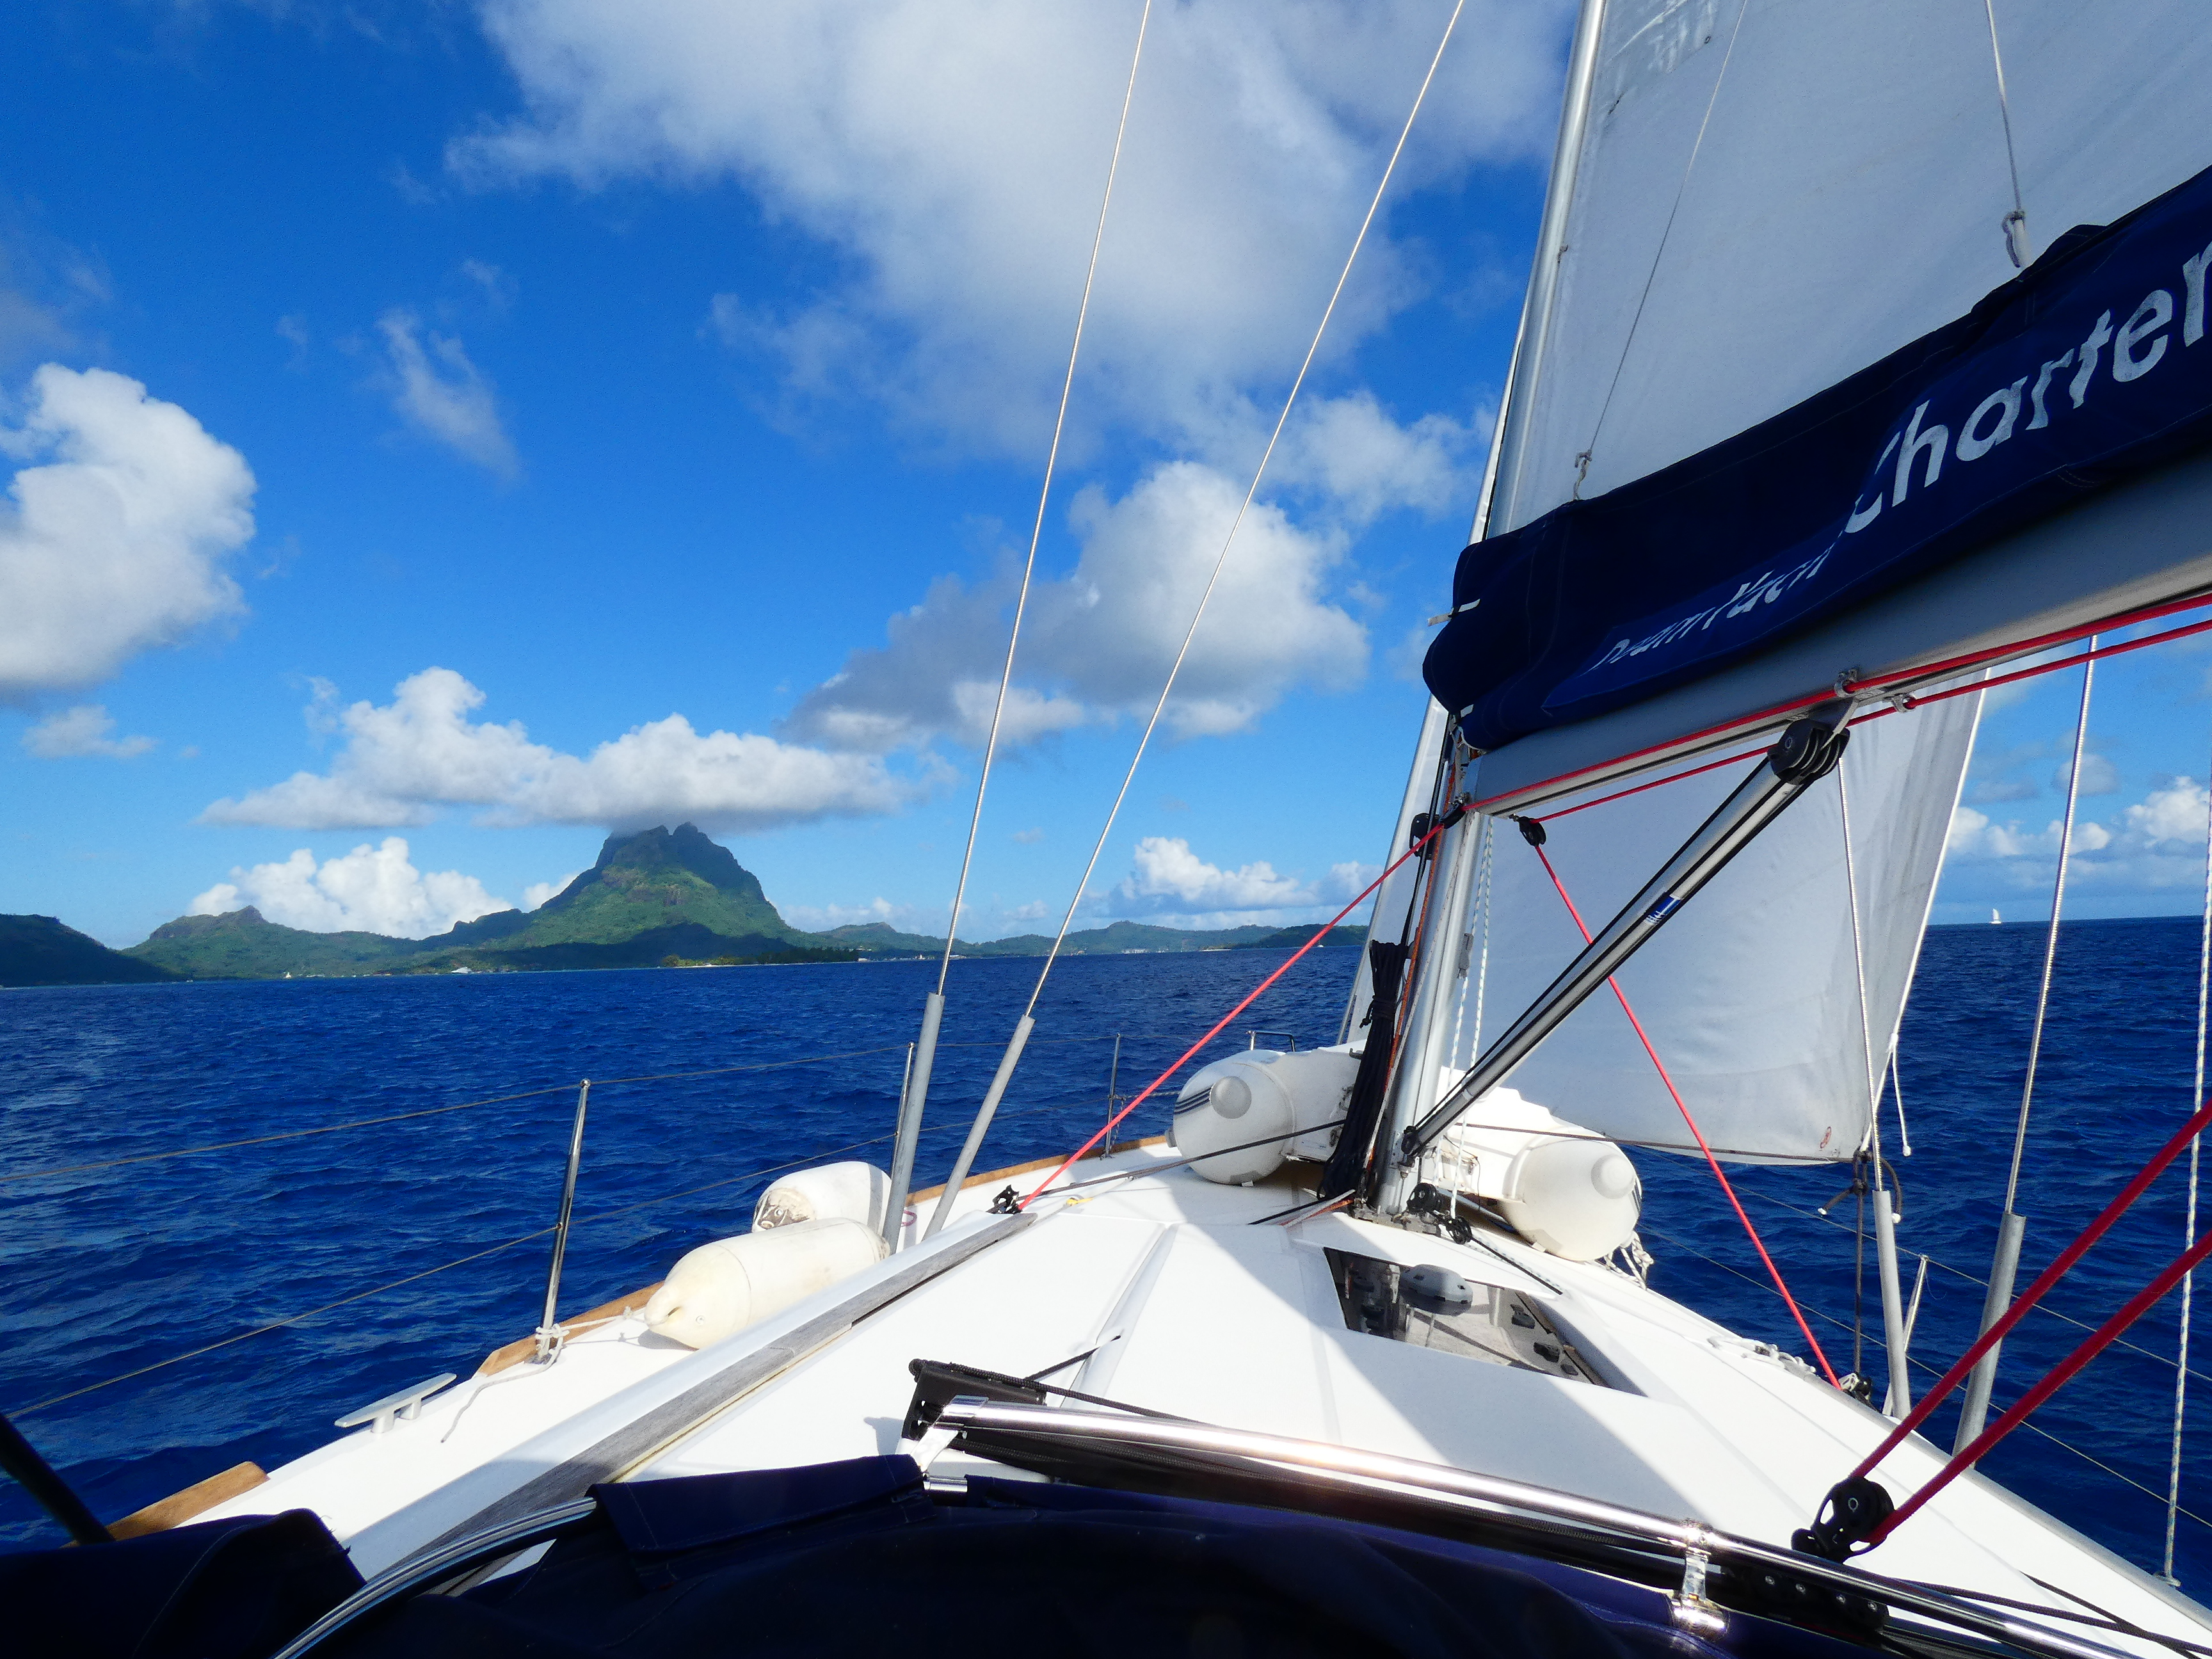 Ingyenes online társkereső oldalak Trinidadban